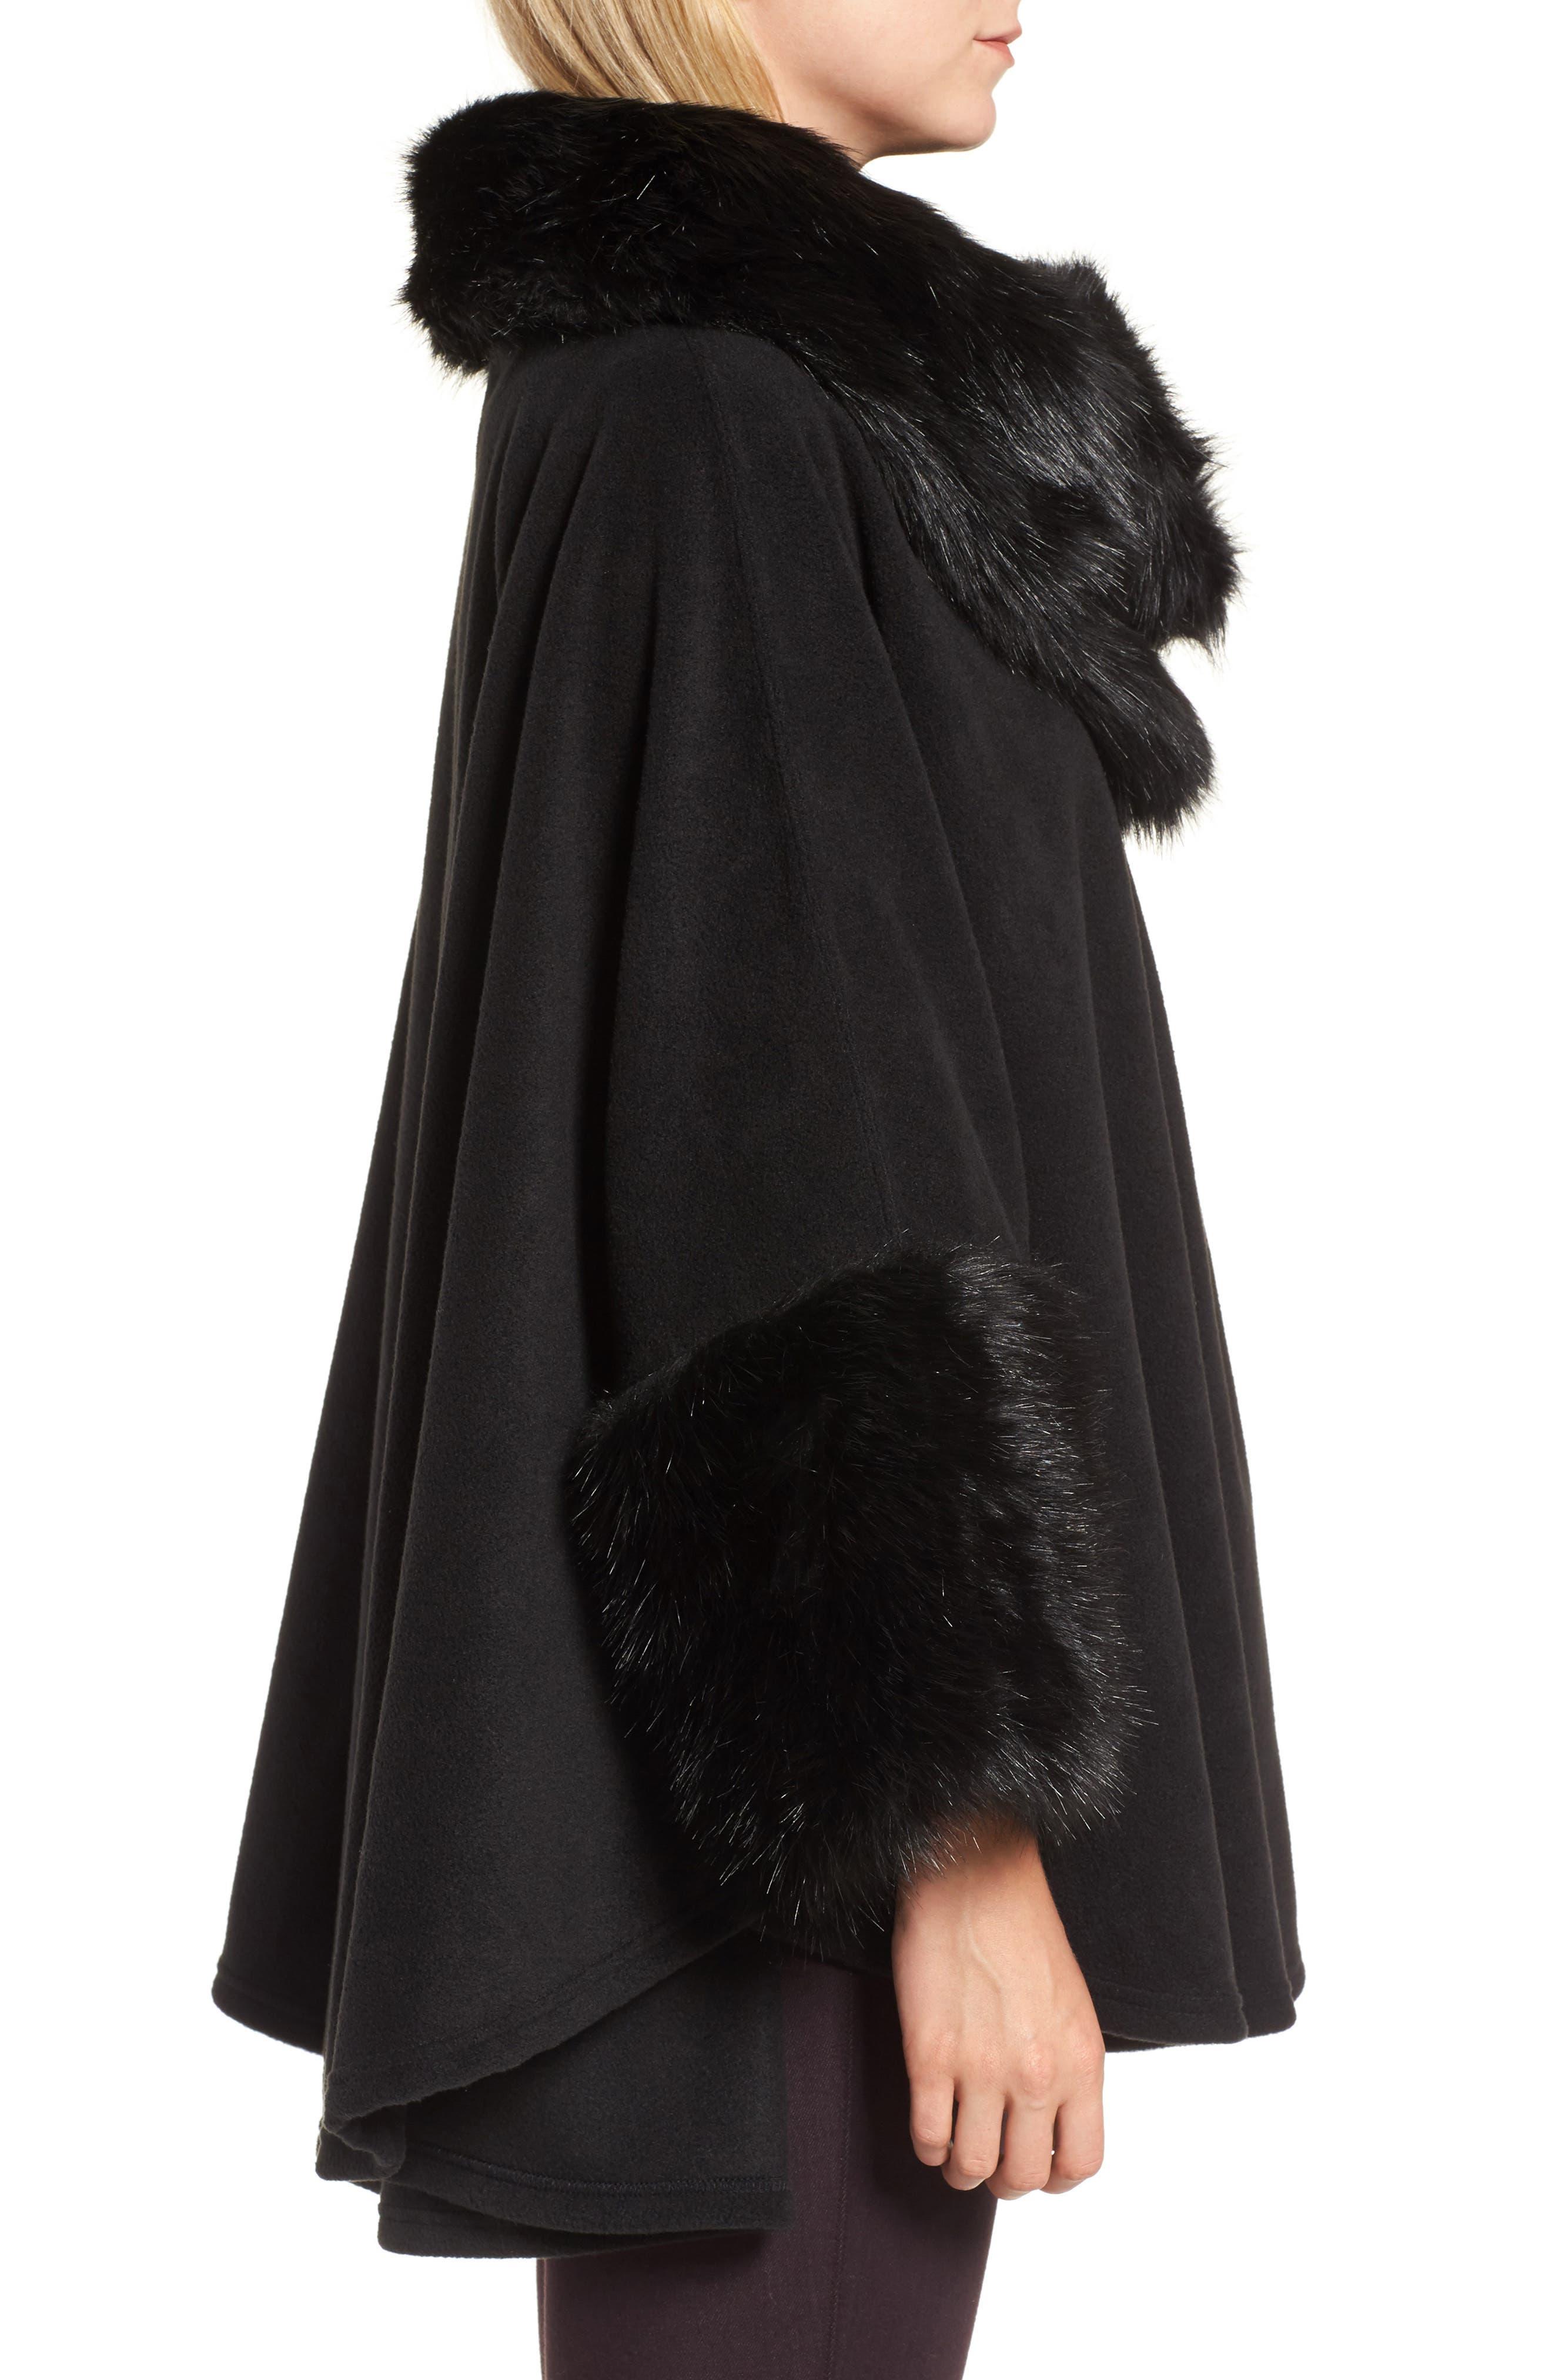 Chelsea Cape with Faux Fur Trim,                             Alternate thumbnail 3, color,                             001